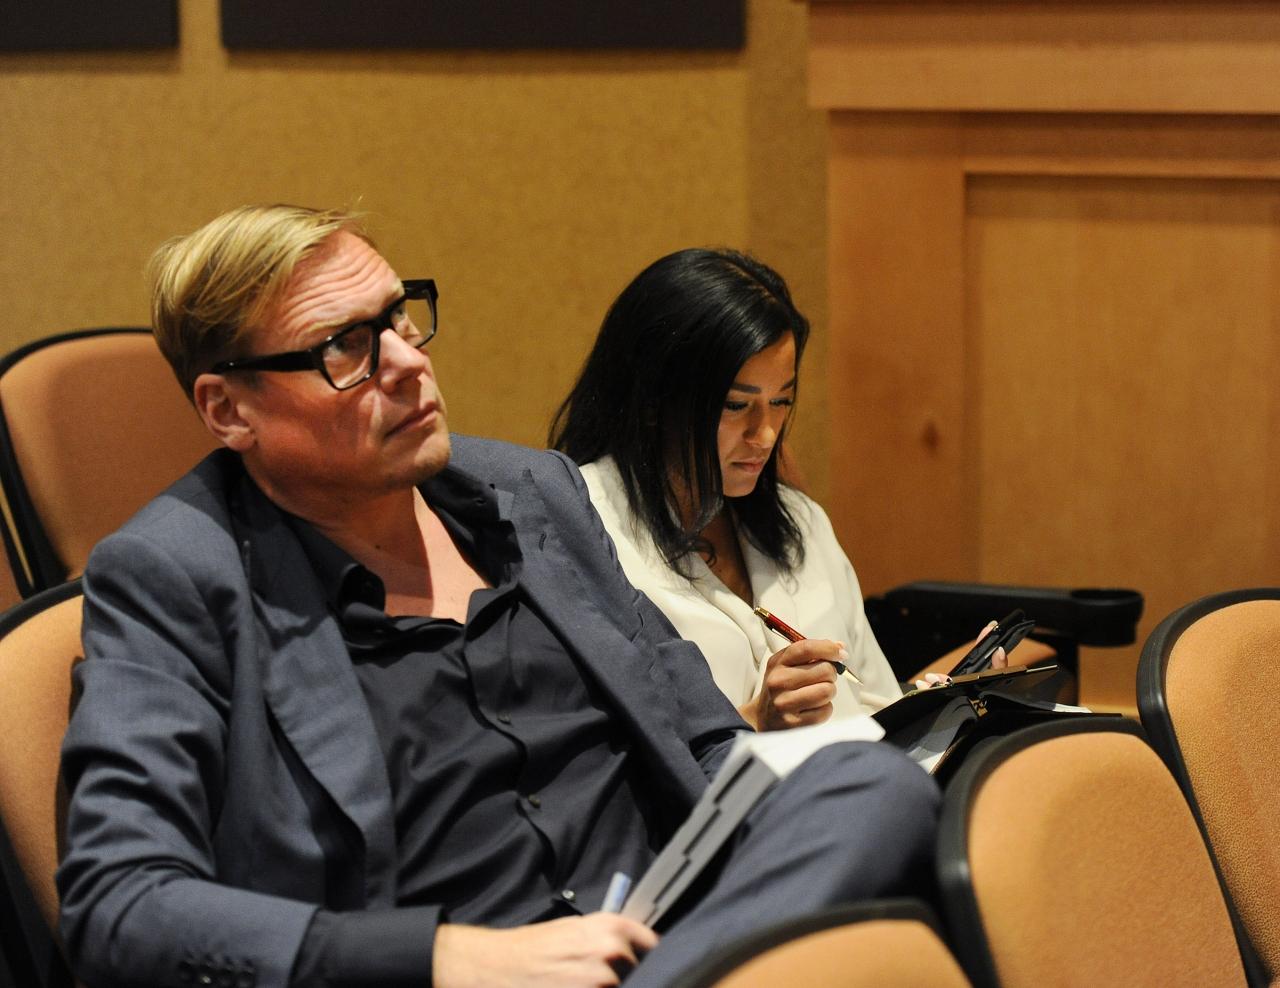 Anders Ström är en flitig köpare på amerikanska auktioner och igår förvärvades en halvbror till Fourth Dimension. Foto Adam Ström/stalltz.se